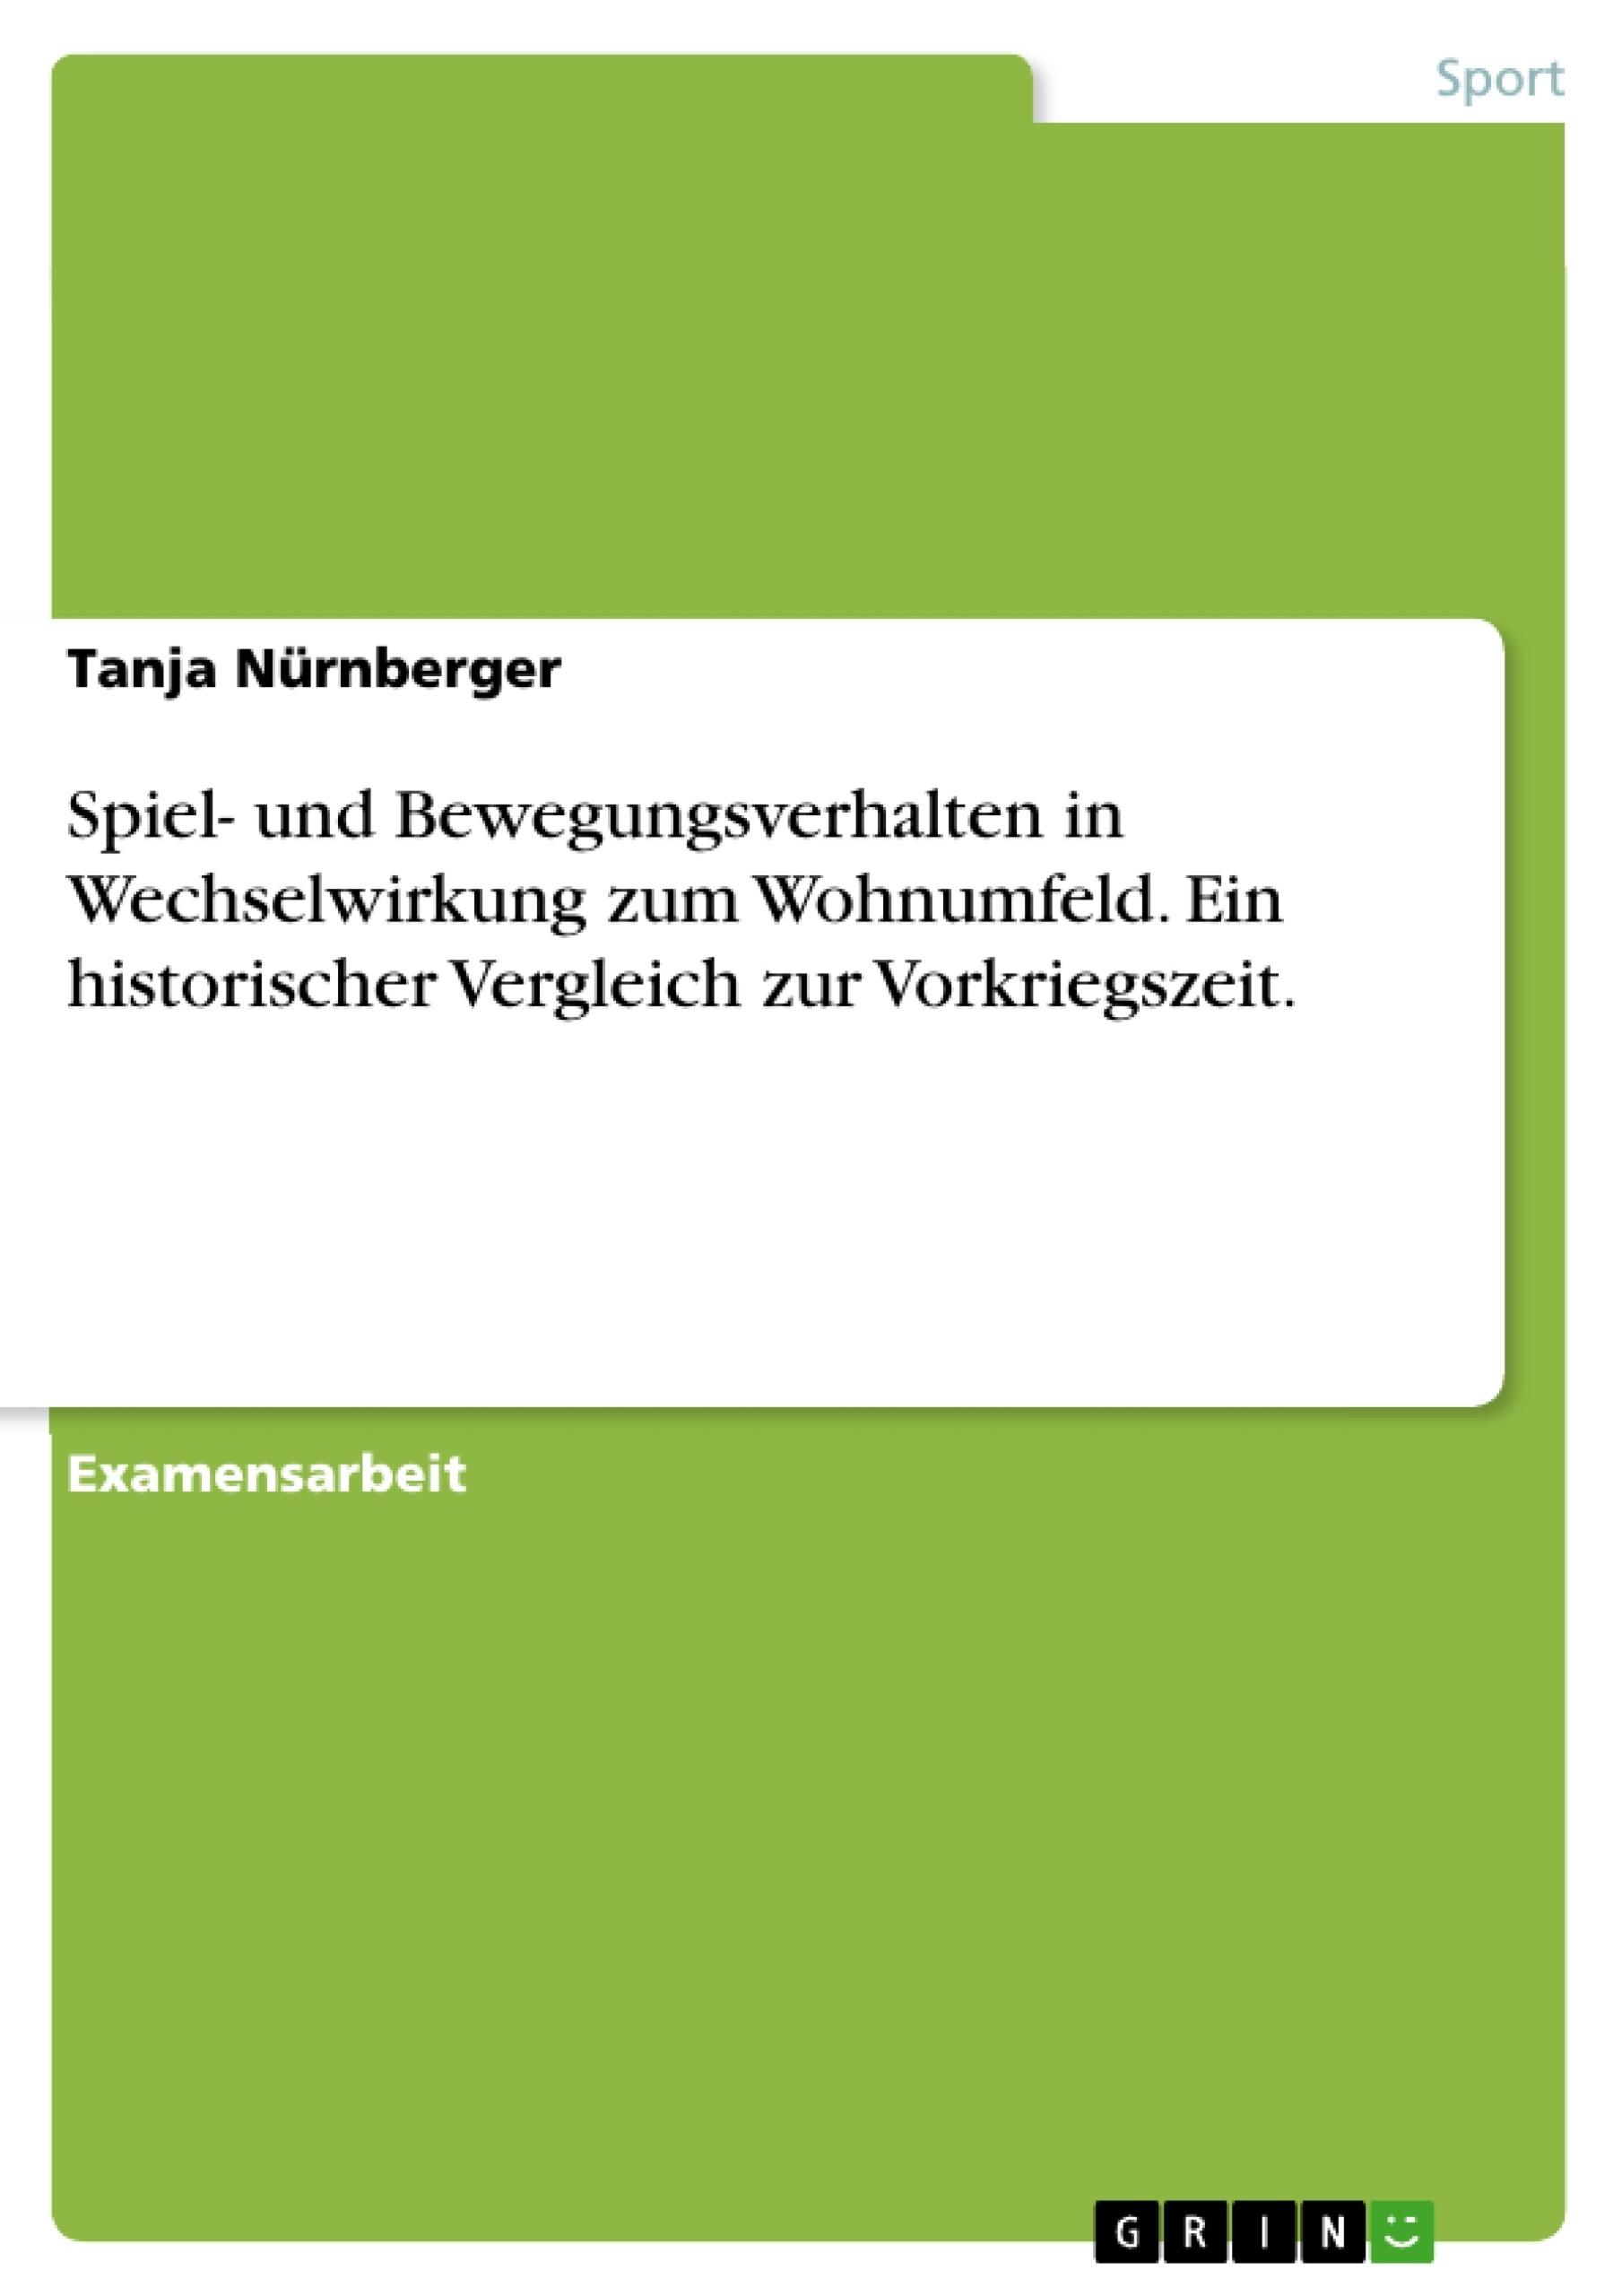 Titel: Spiel- und Bewegungsverhalten in Wechselwirkung zum Wohnumfeld. Ein historischer Vergleich zur Vorkriegszeit.